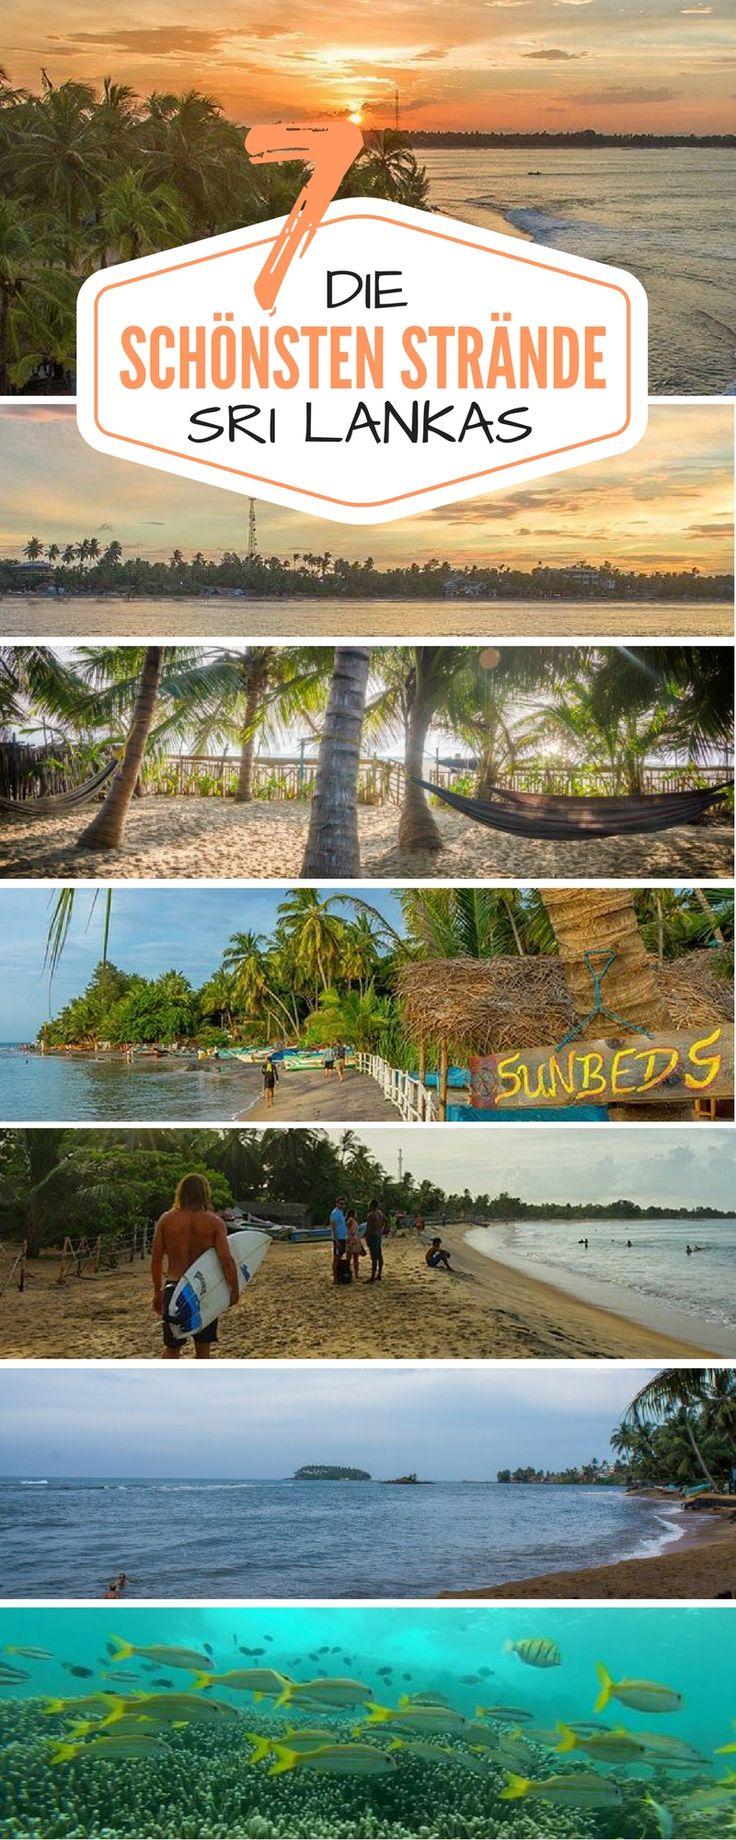 Die 7 schönsten Strände in Sri Lanka – Westküste & Ostküste – Back-Packer.org | Travel Independent, Experience More